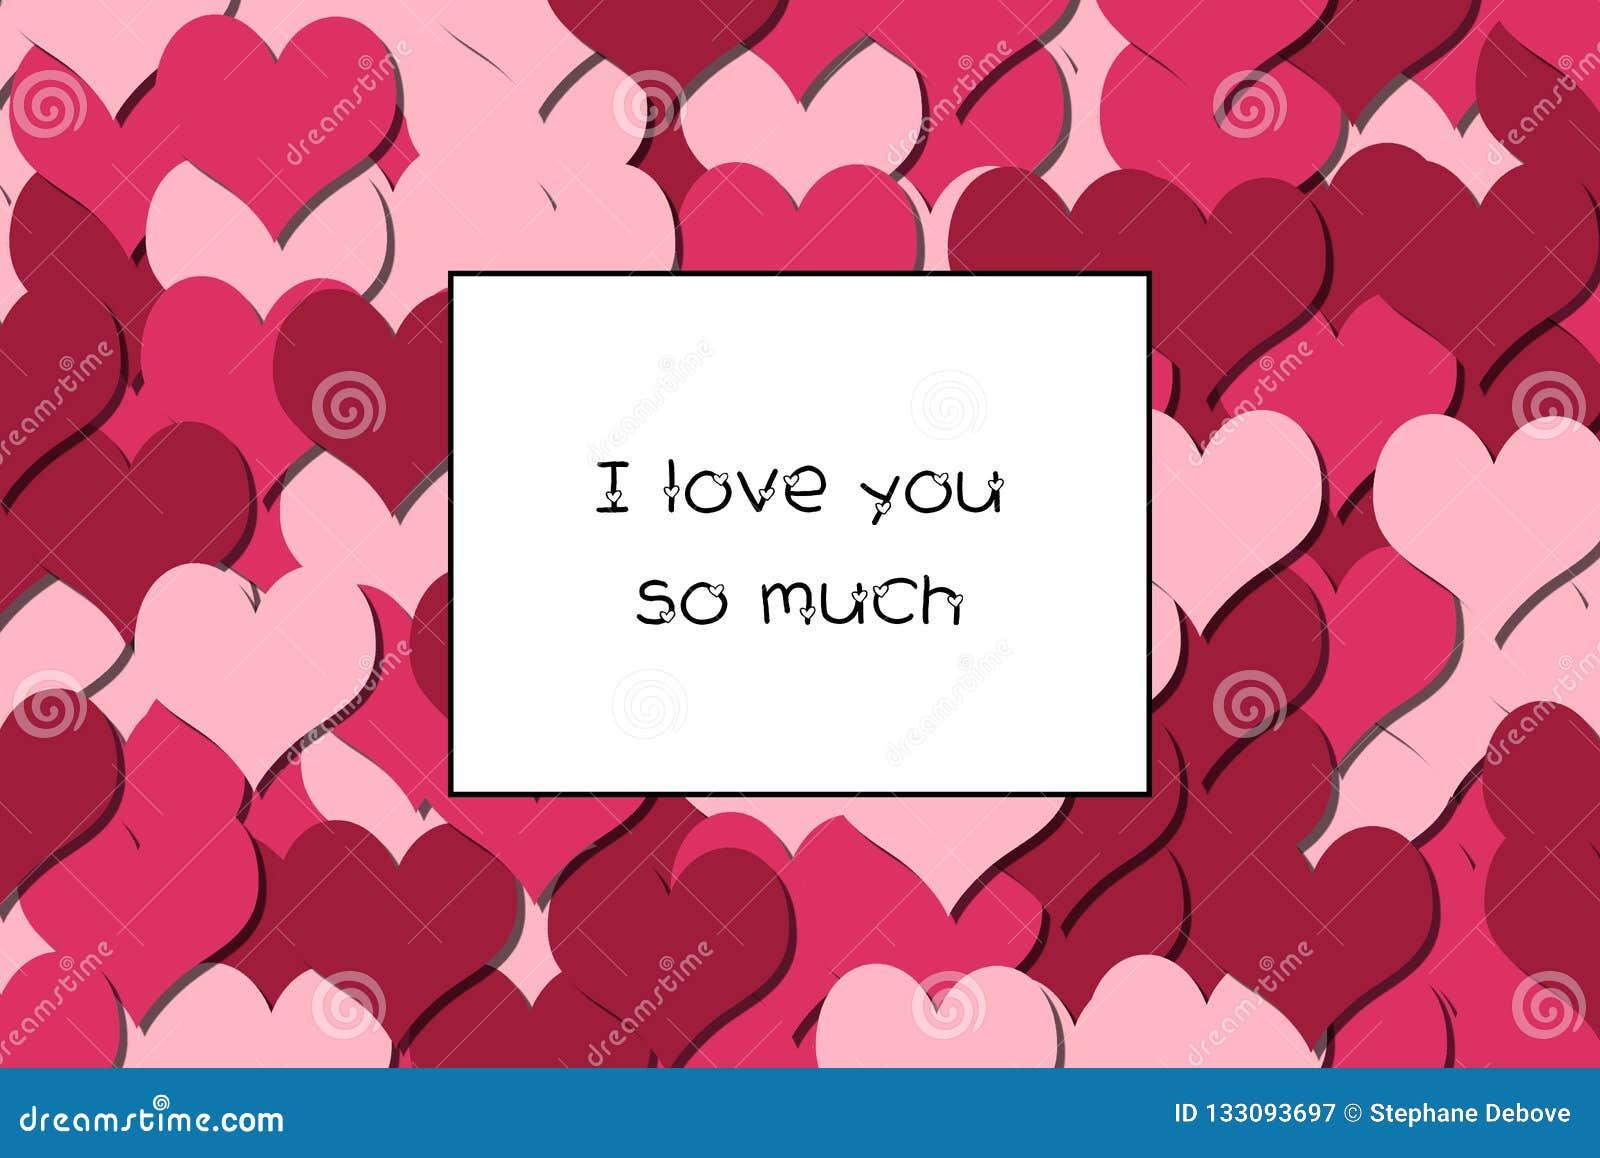 Warum ich dich so sehr liebe